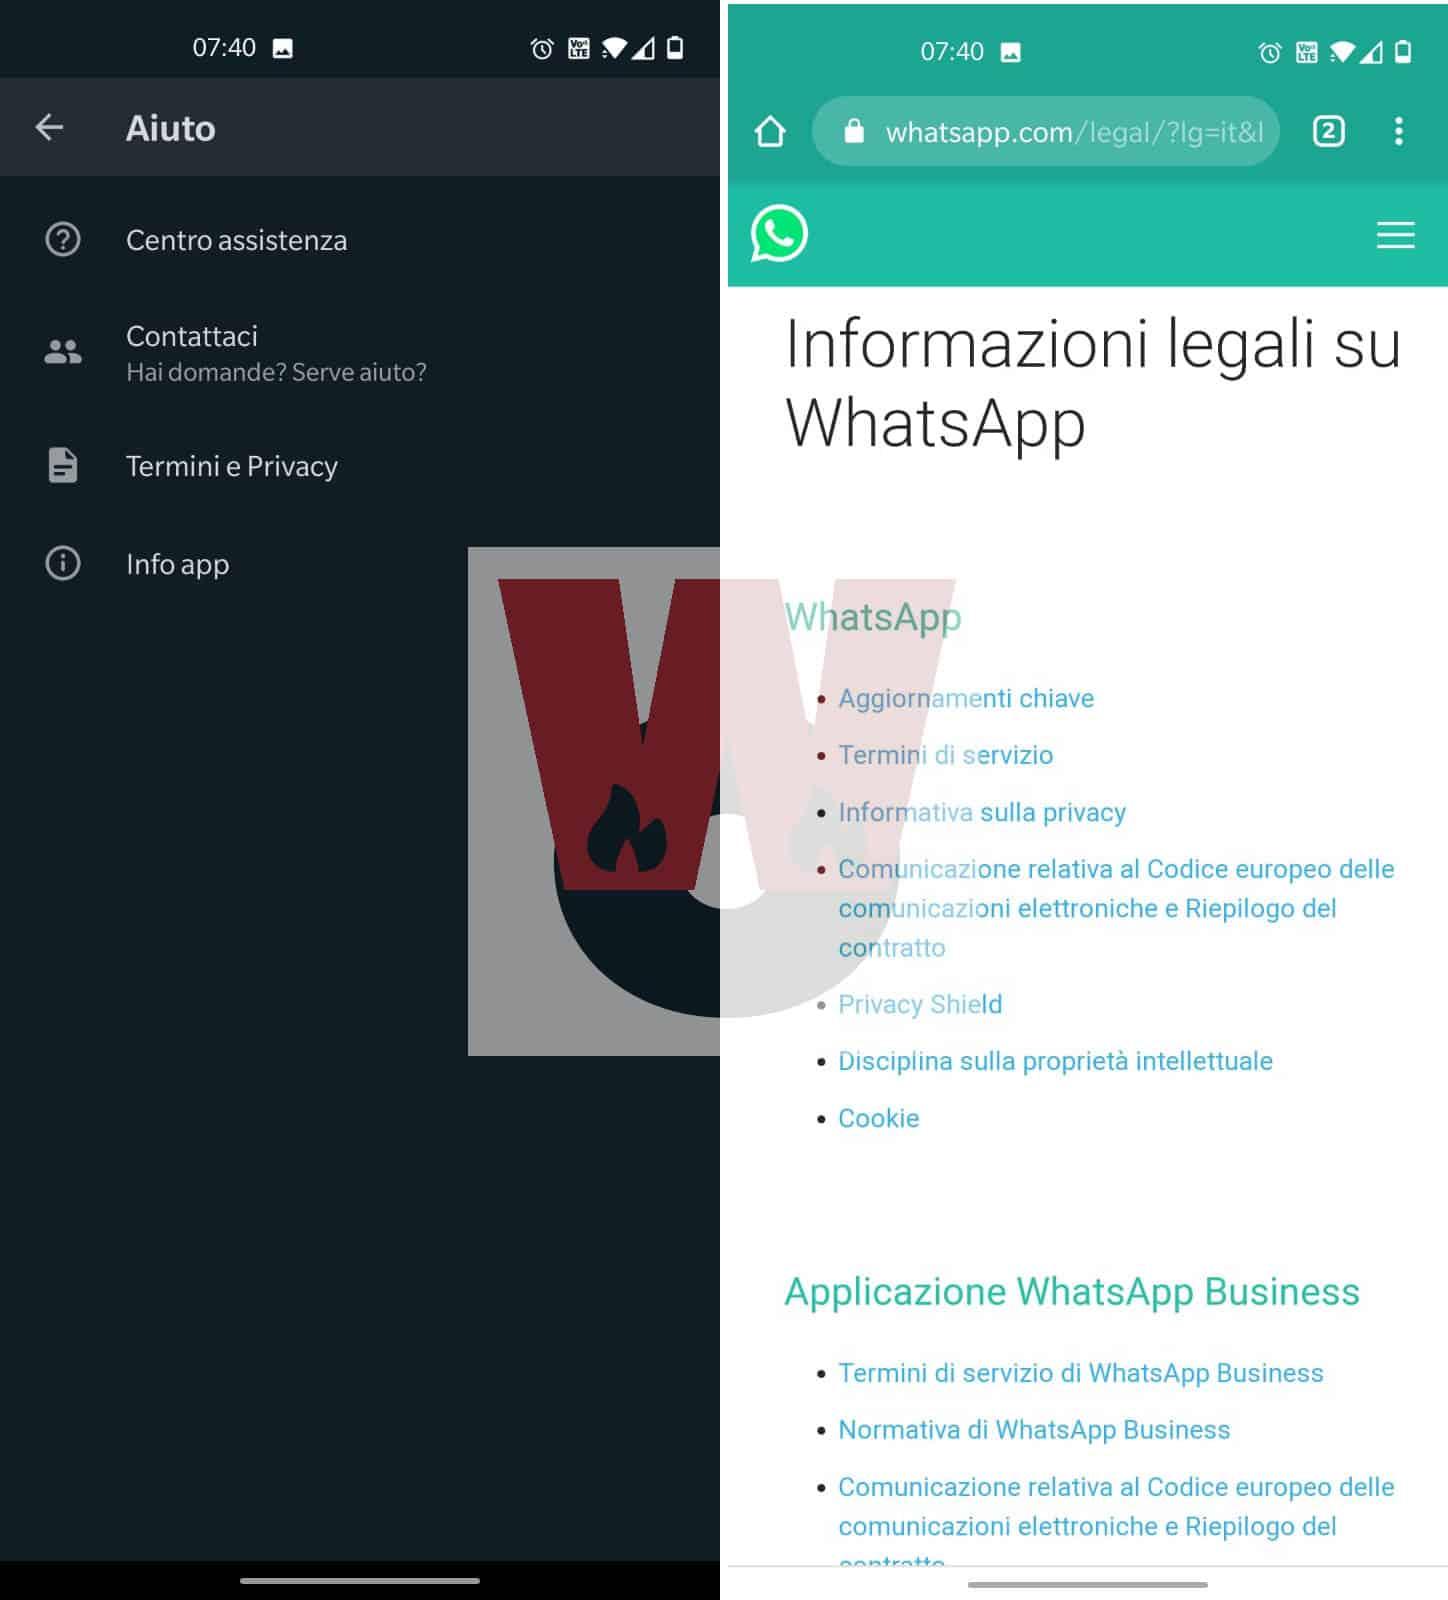 lettura termini attuali WhatsApp da app